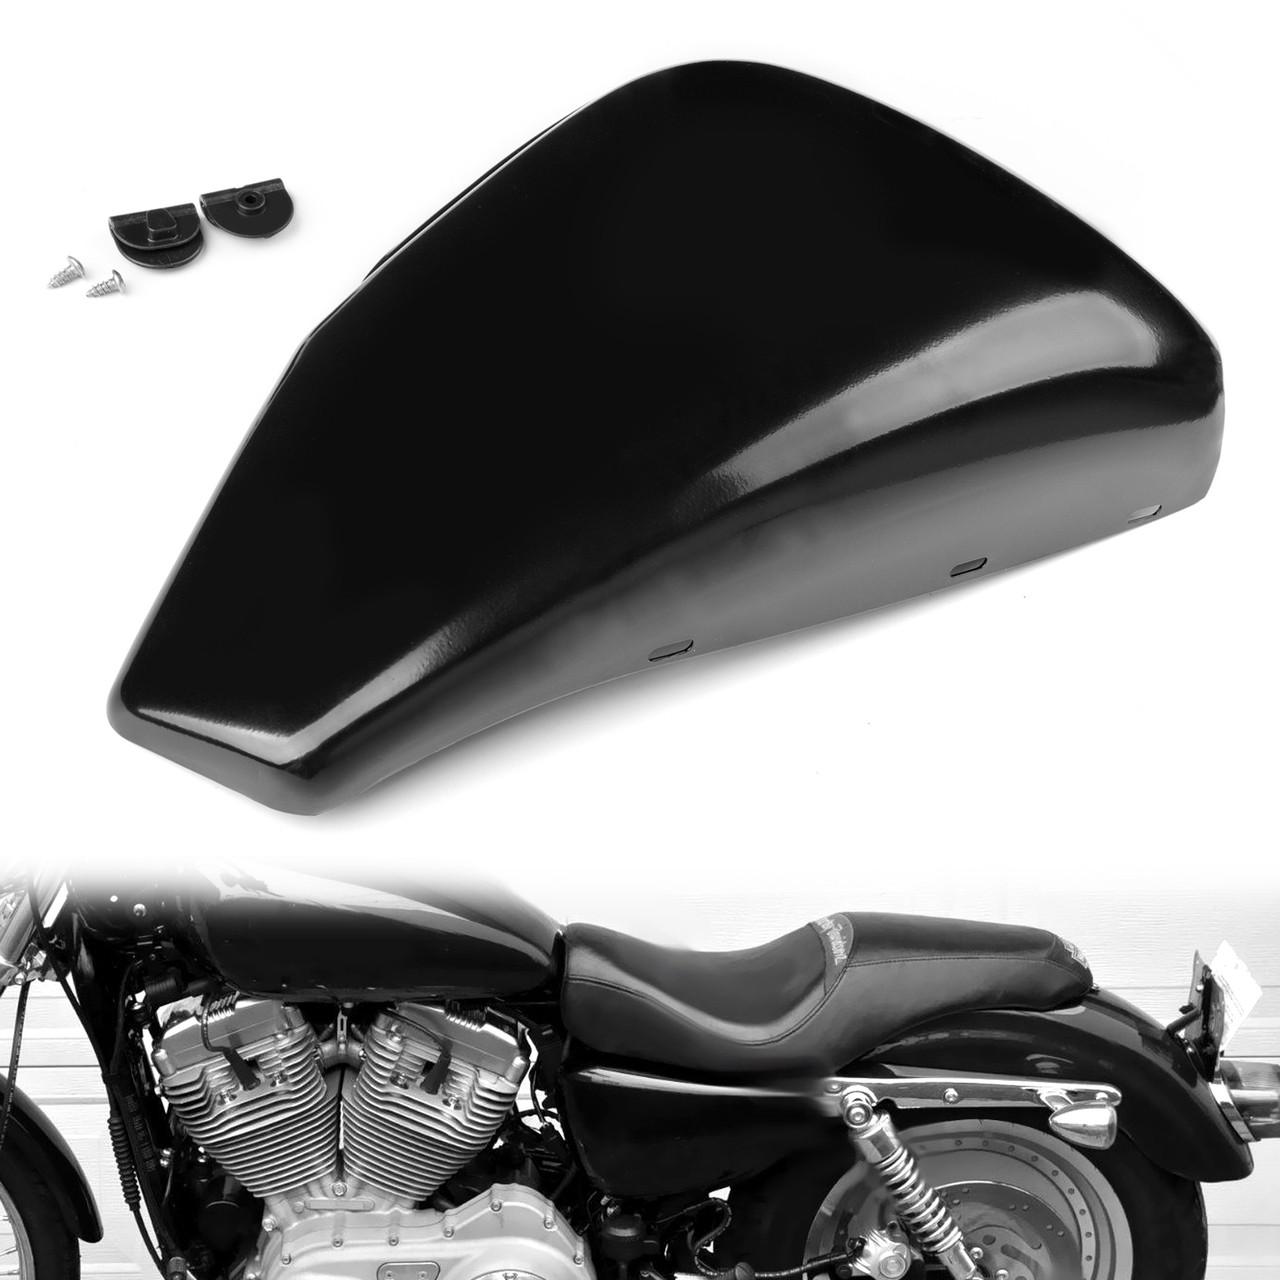 Black Motor Left Side Battery Cover for Harley Sportster XL883 2014-2018